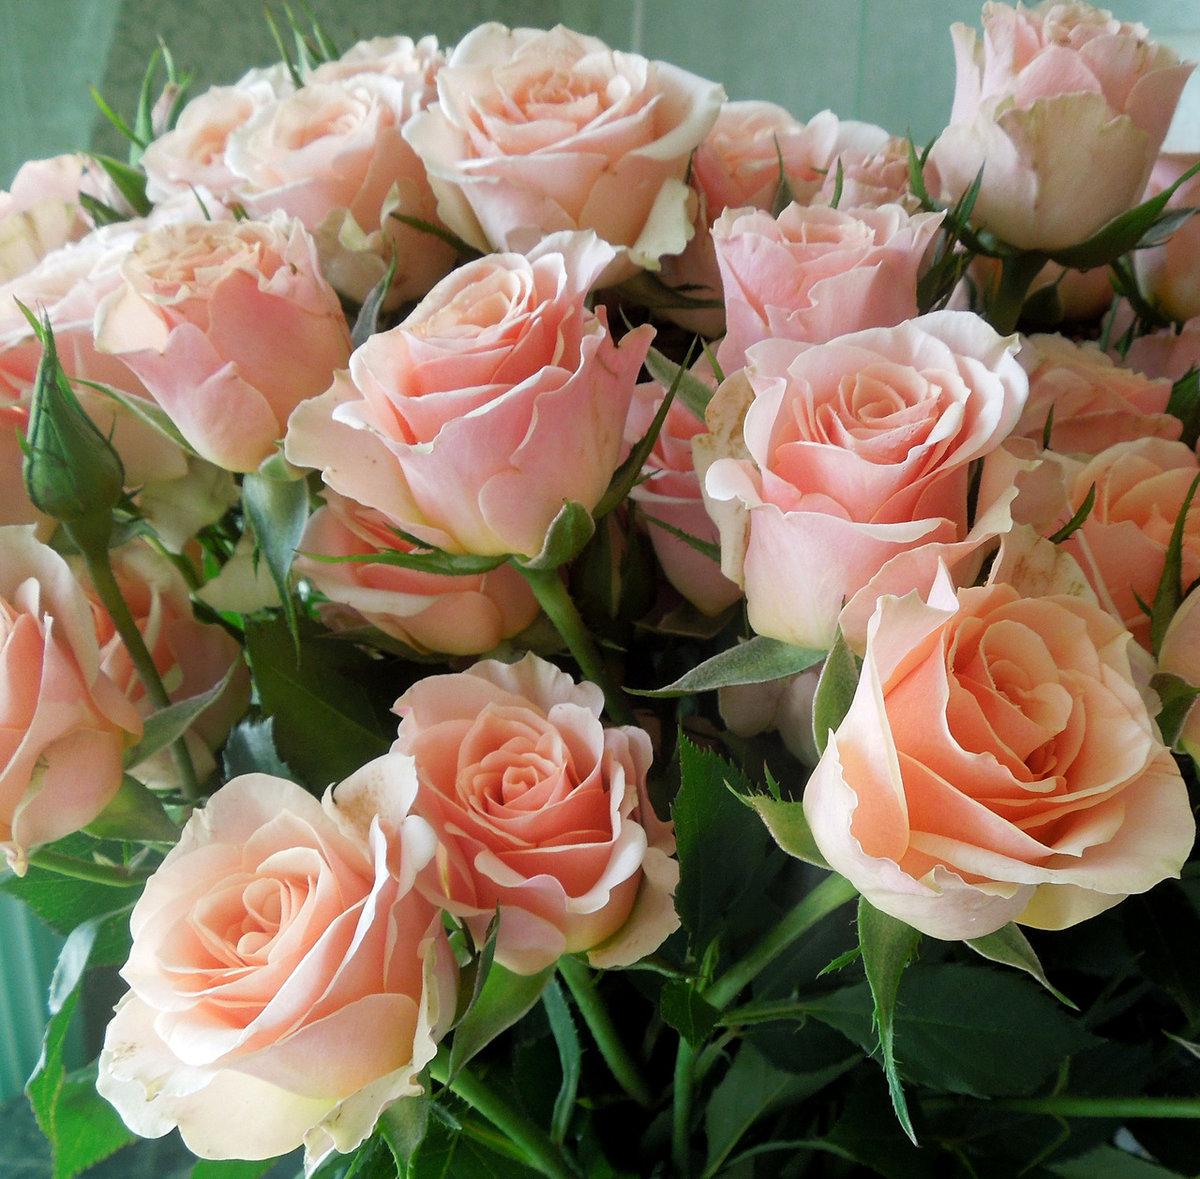 цветы для раечки картинки учреждения